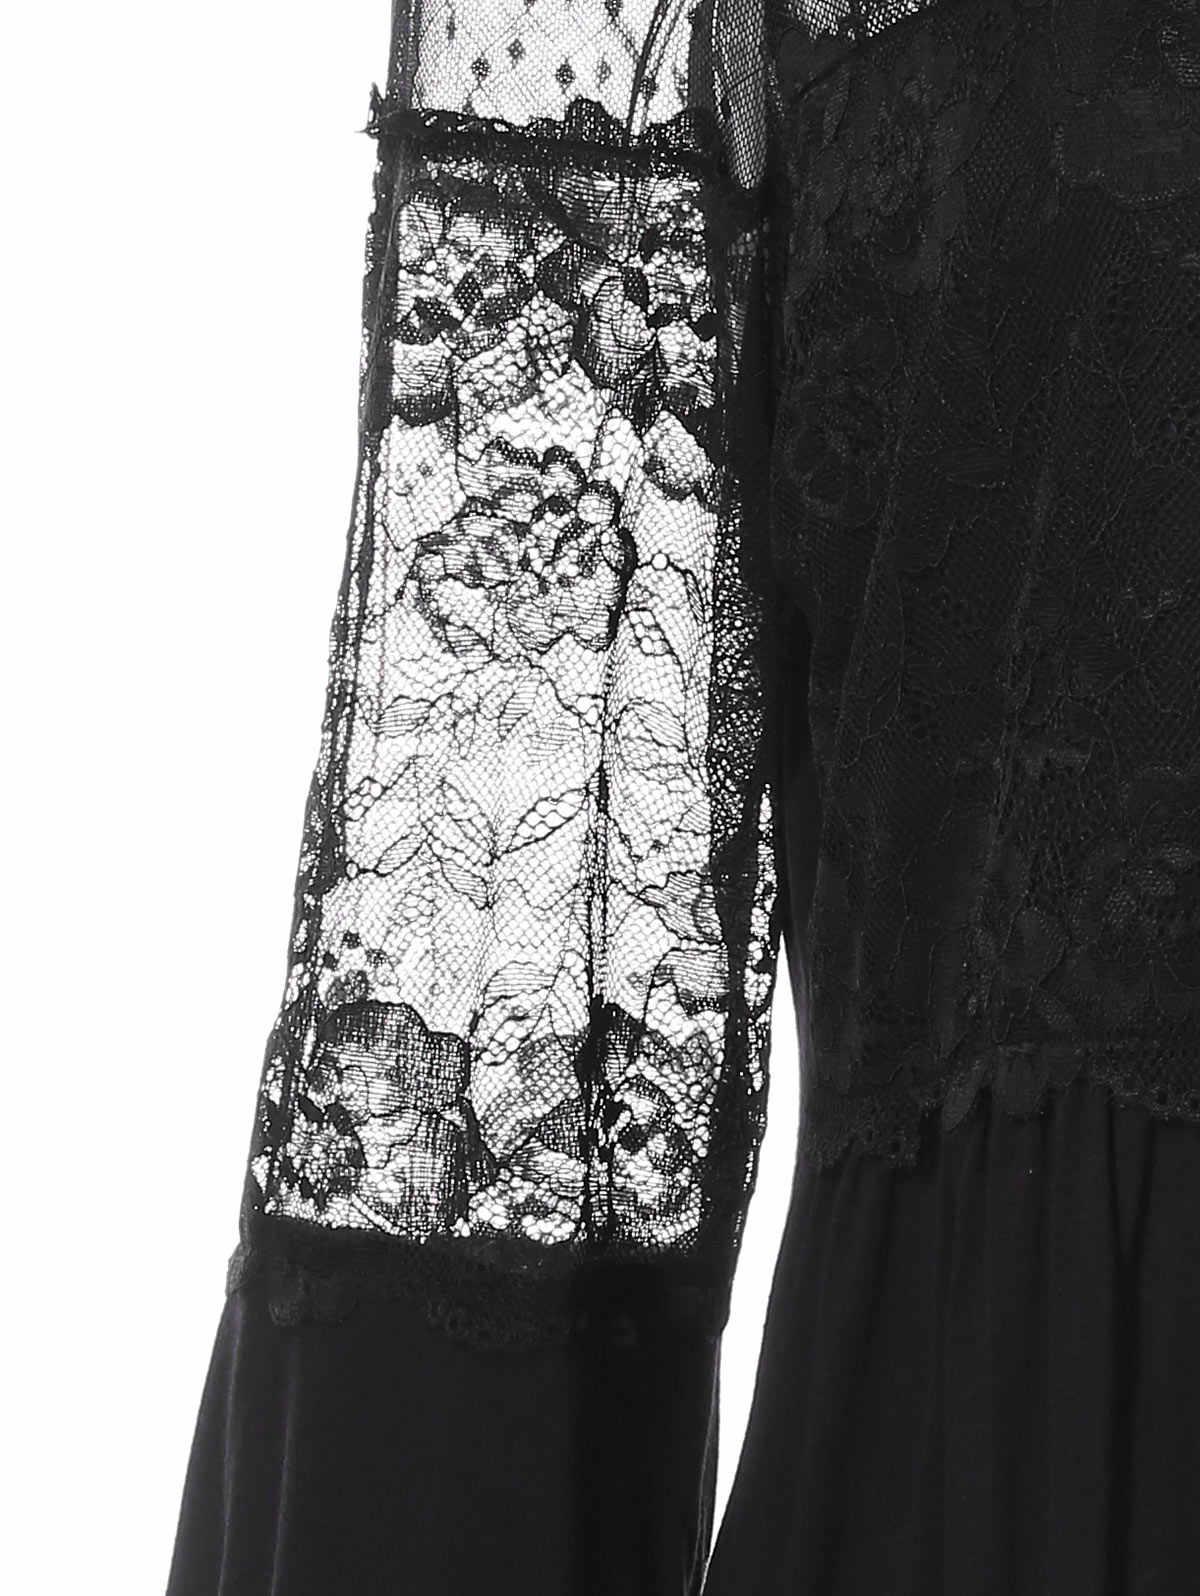 Rosa GAL más tamaño transparente Floral encaje Trim linterna manga túnica Camiseta cuello O Imperio cintura Tee Top Casual sólido ropa de las mujeres